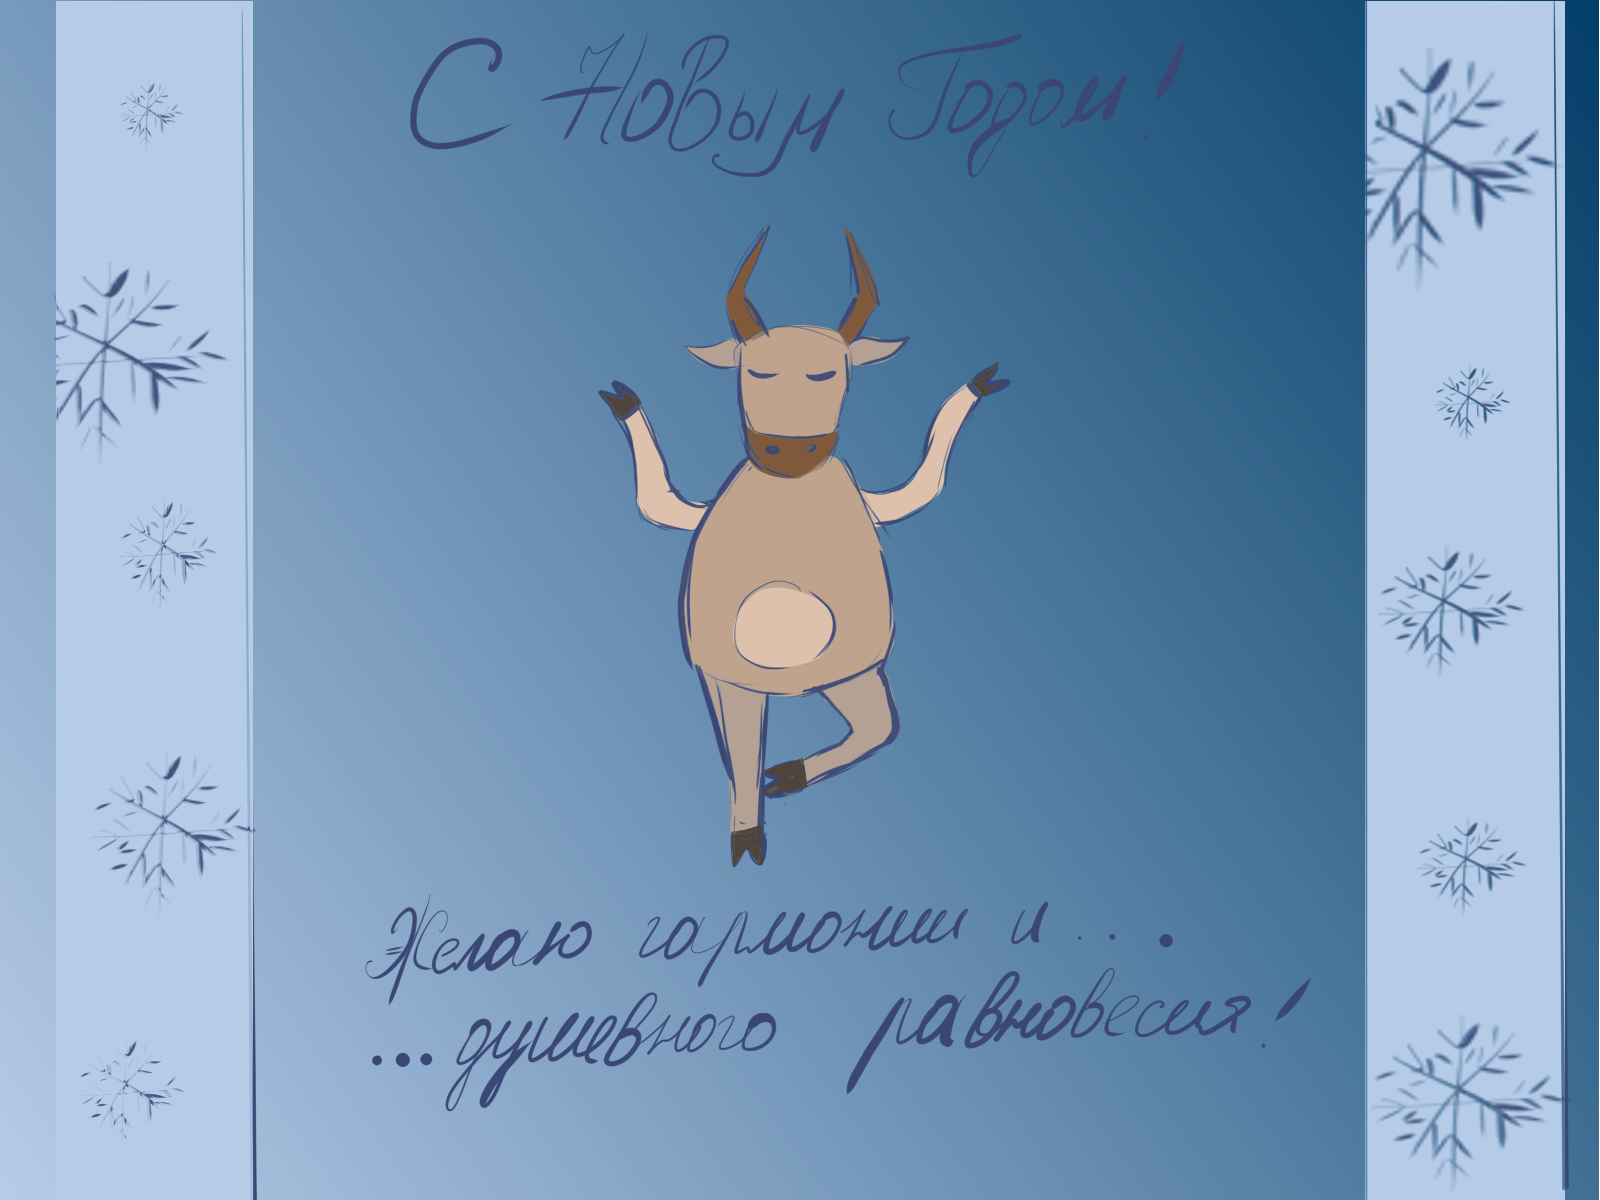 Создать рисунки быков, символа 2021 года, для реализации в м фото f_0605ef0b80ab08e3.png